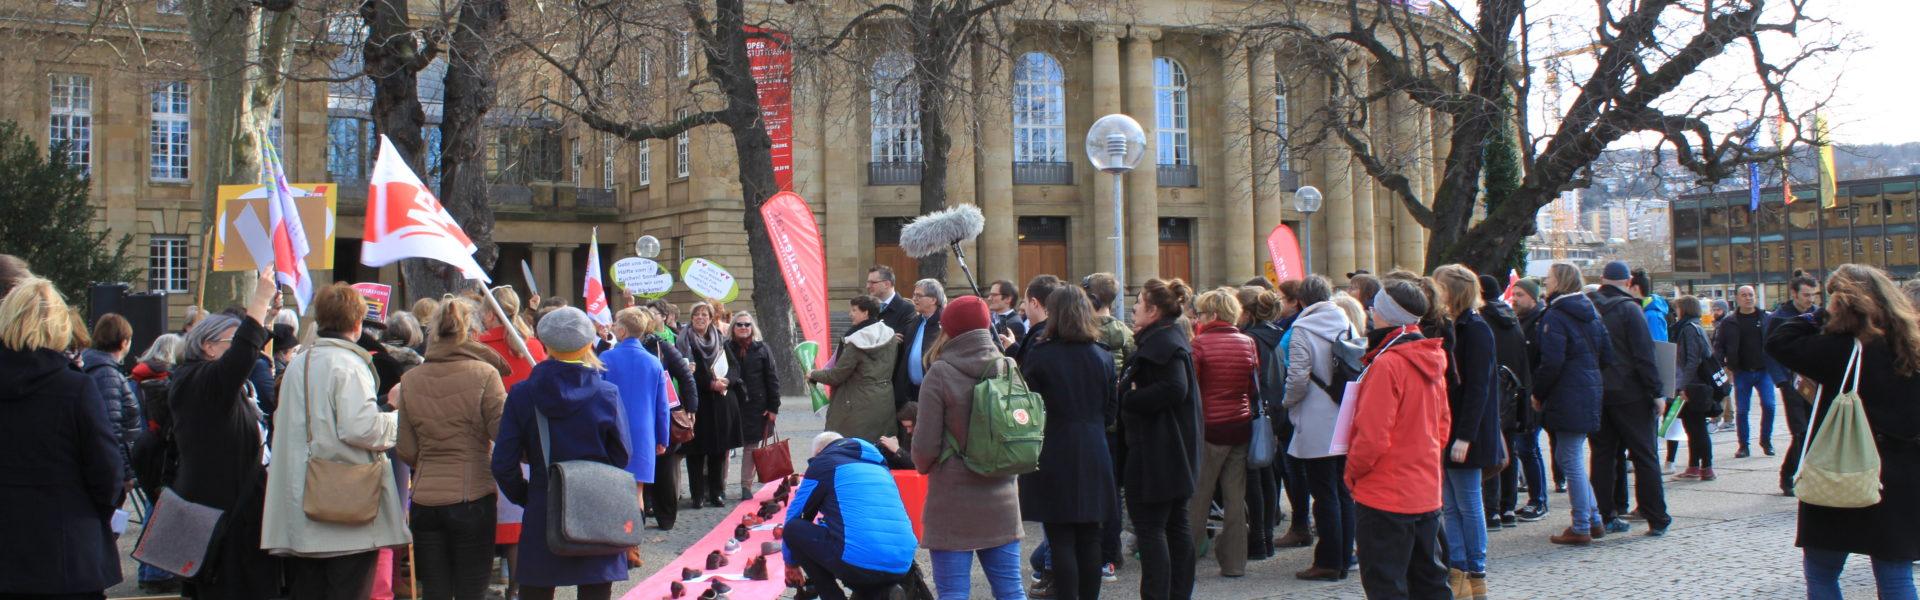 Smartmob des Landesfrauenrates am 8. März 2018 vor dem Landtag in Stuttgart